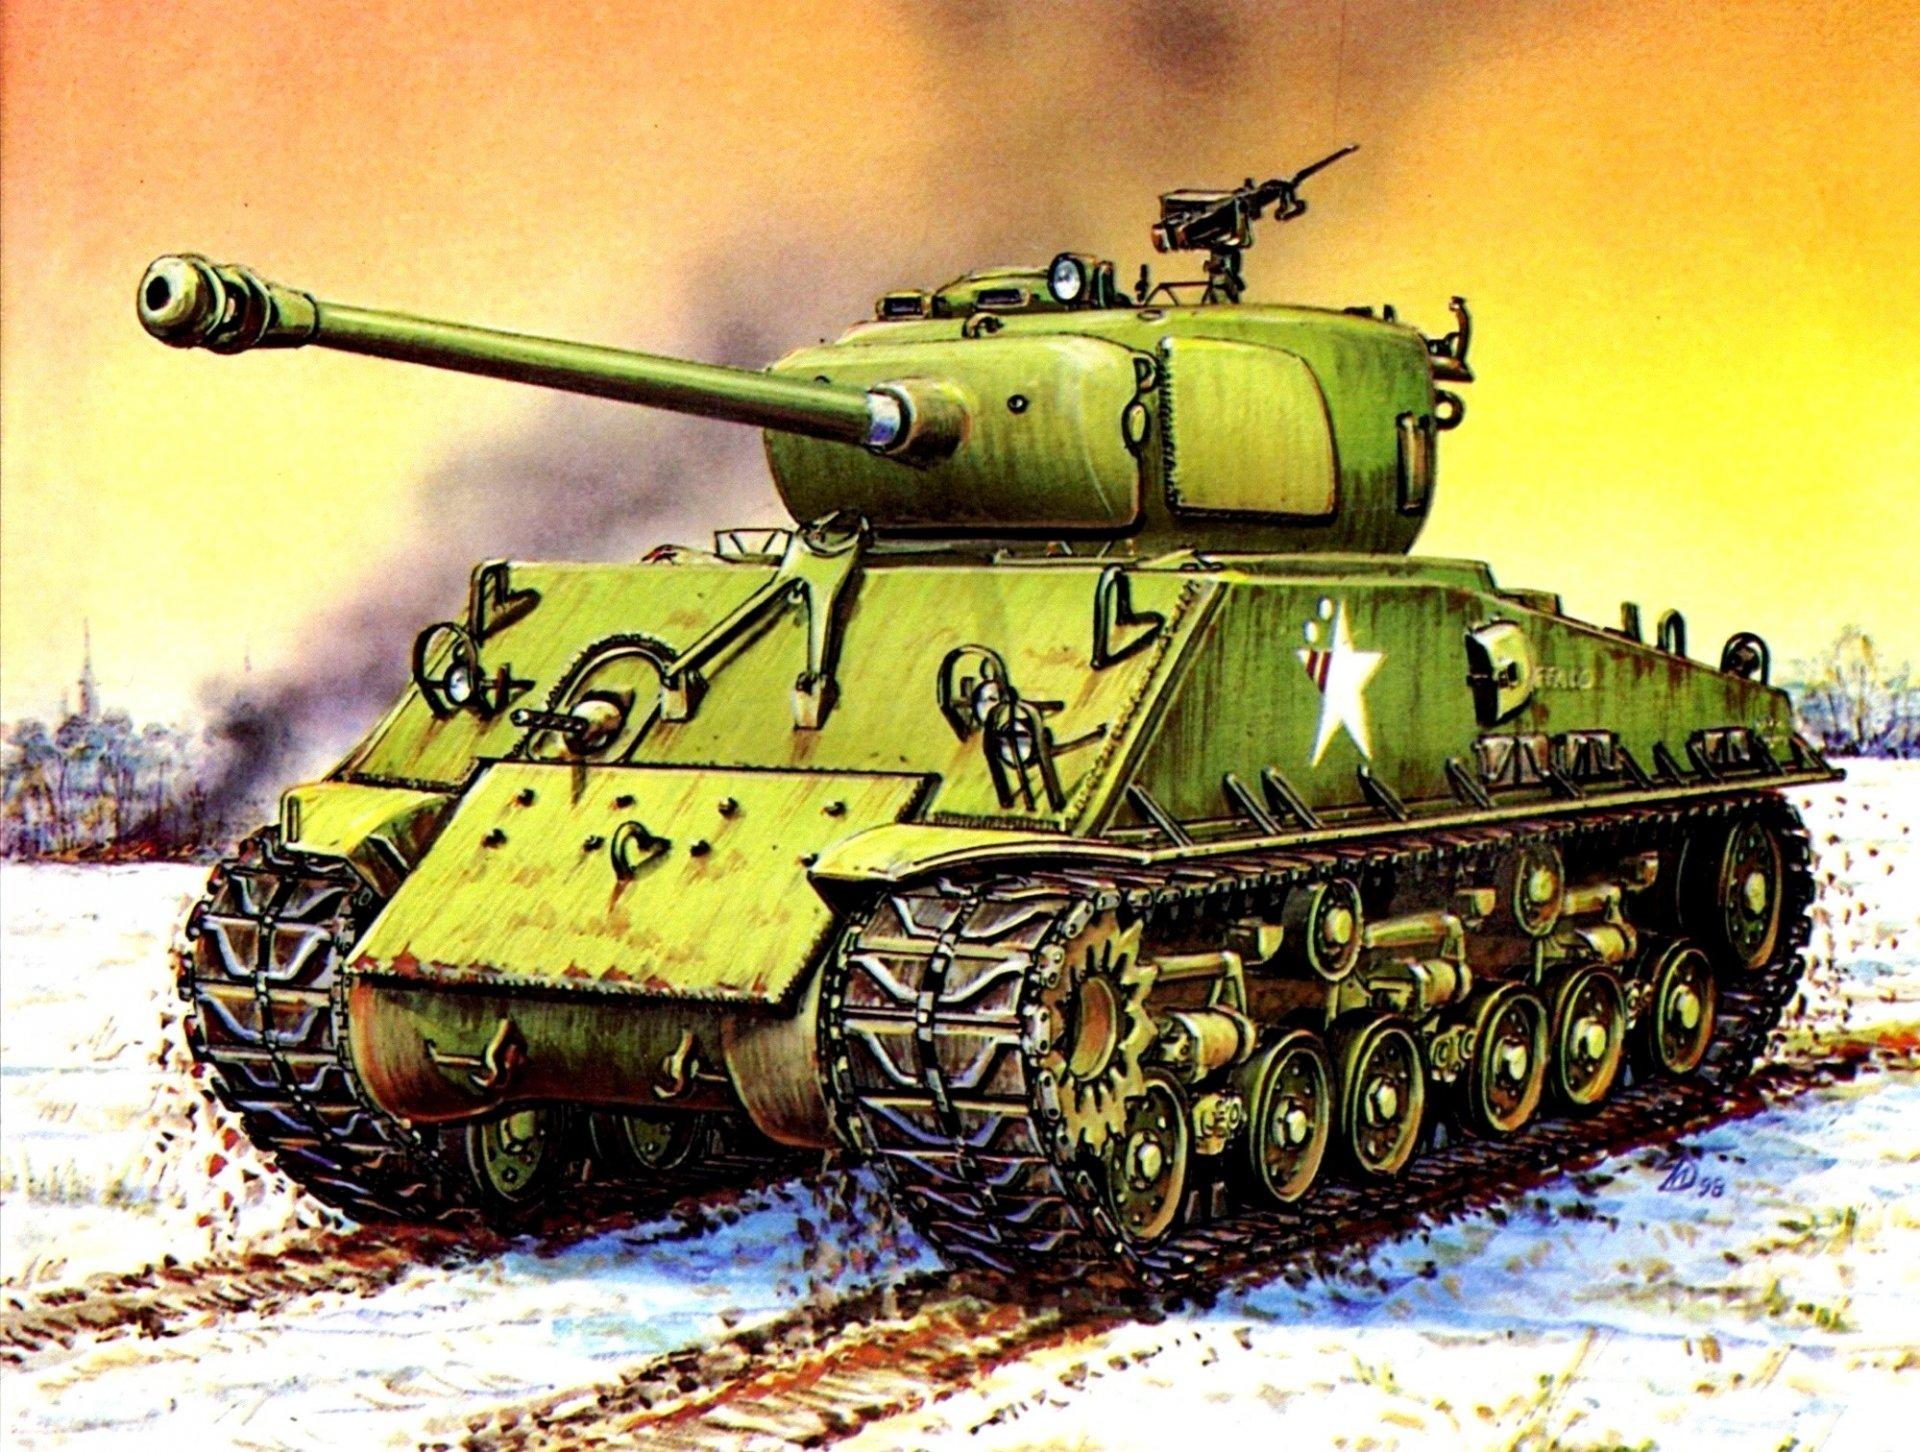 Картинки на тематику танков